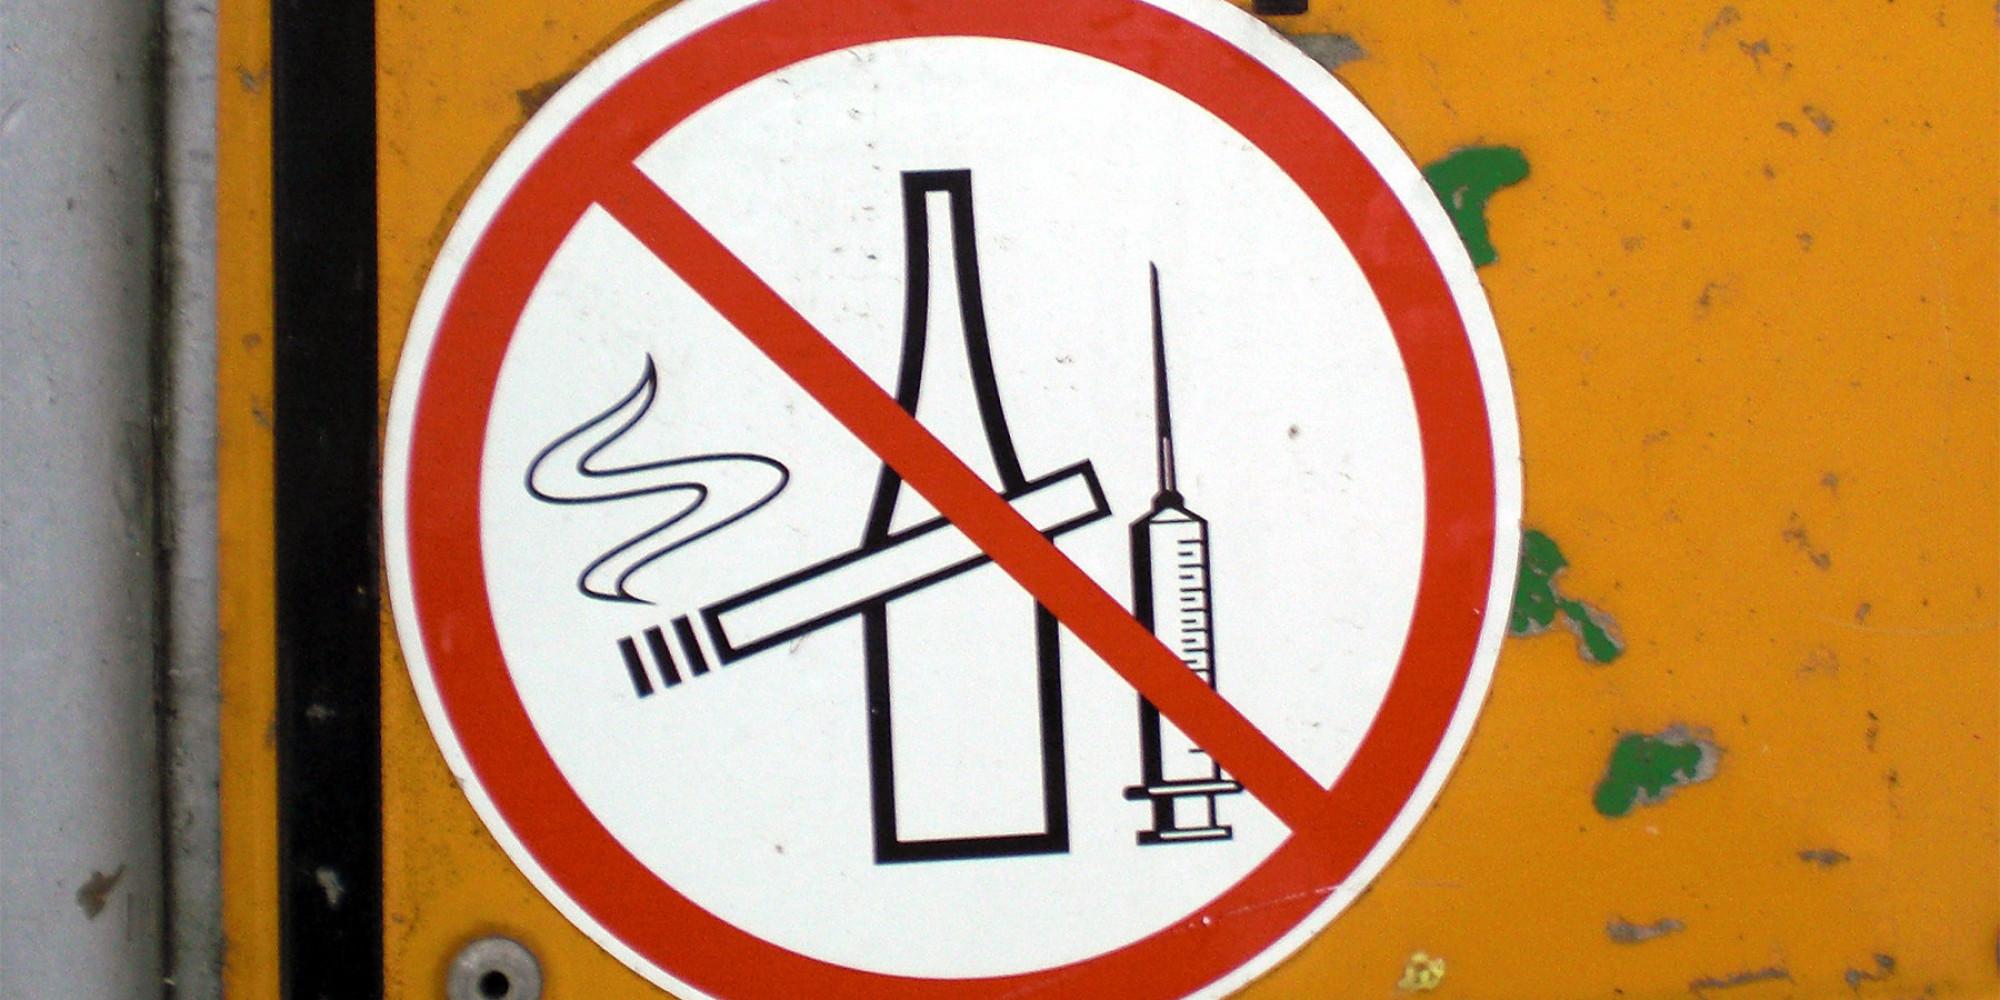 Una sigaretta ti toglie 14 minuti di vita un drink quasi - Papa bagno chimico ...